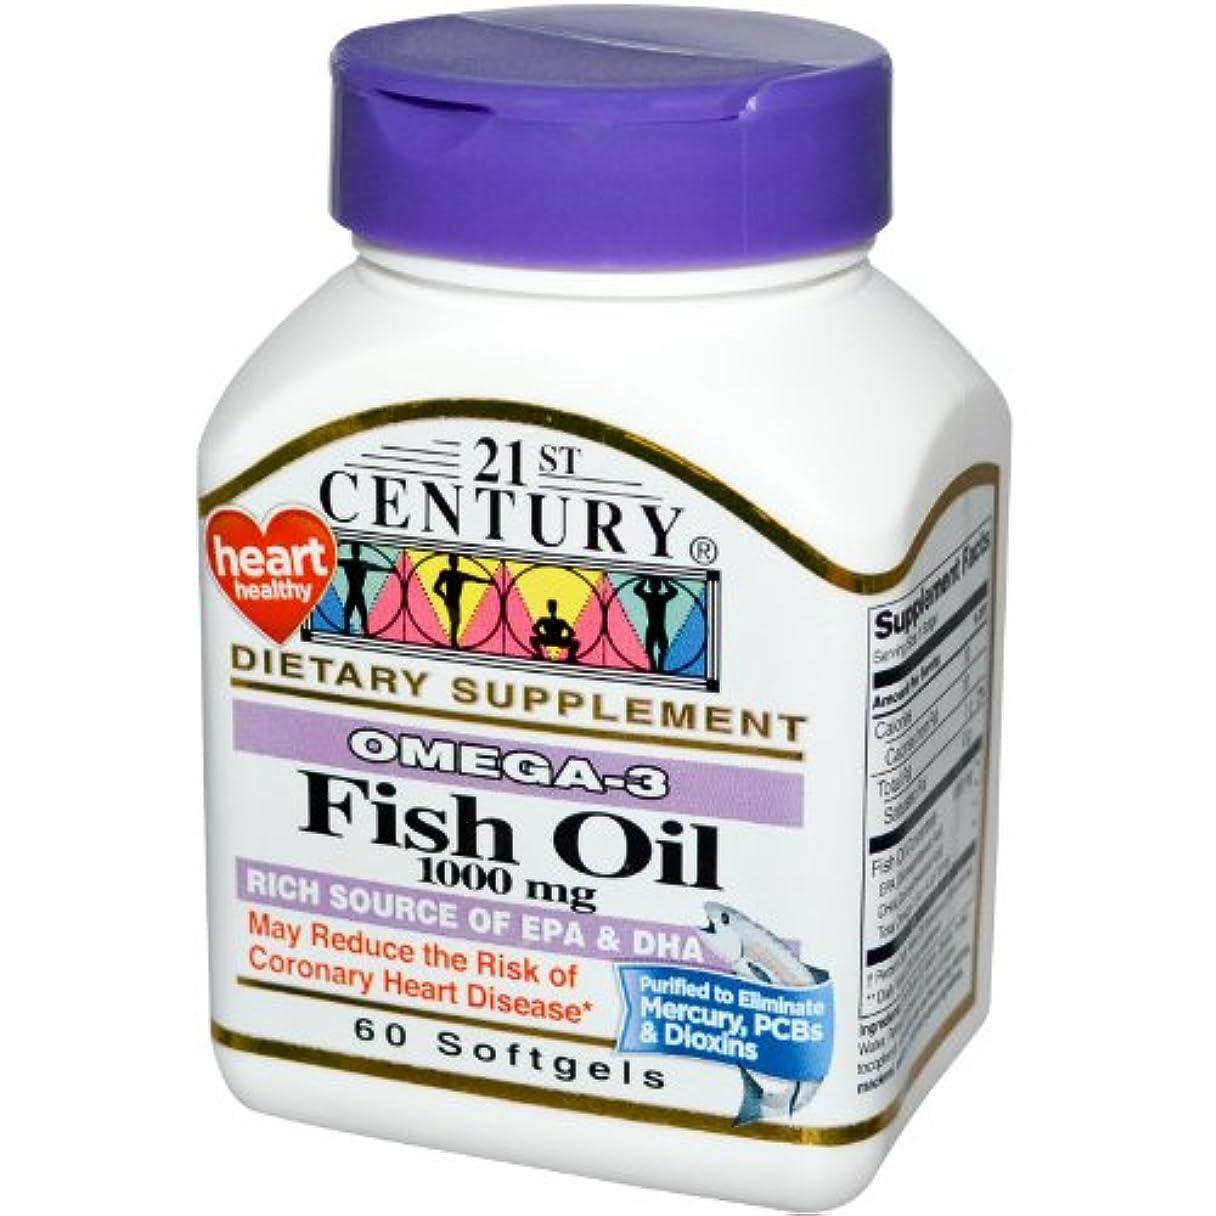 政治請求怒る21st Century Health Care, Fish Oil, 1000 mg, 60 Softgels